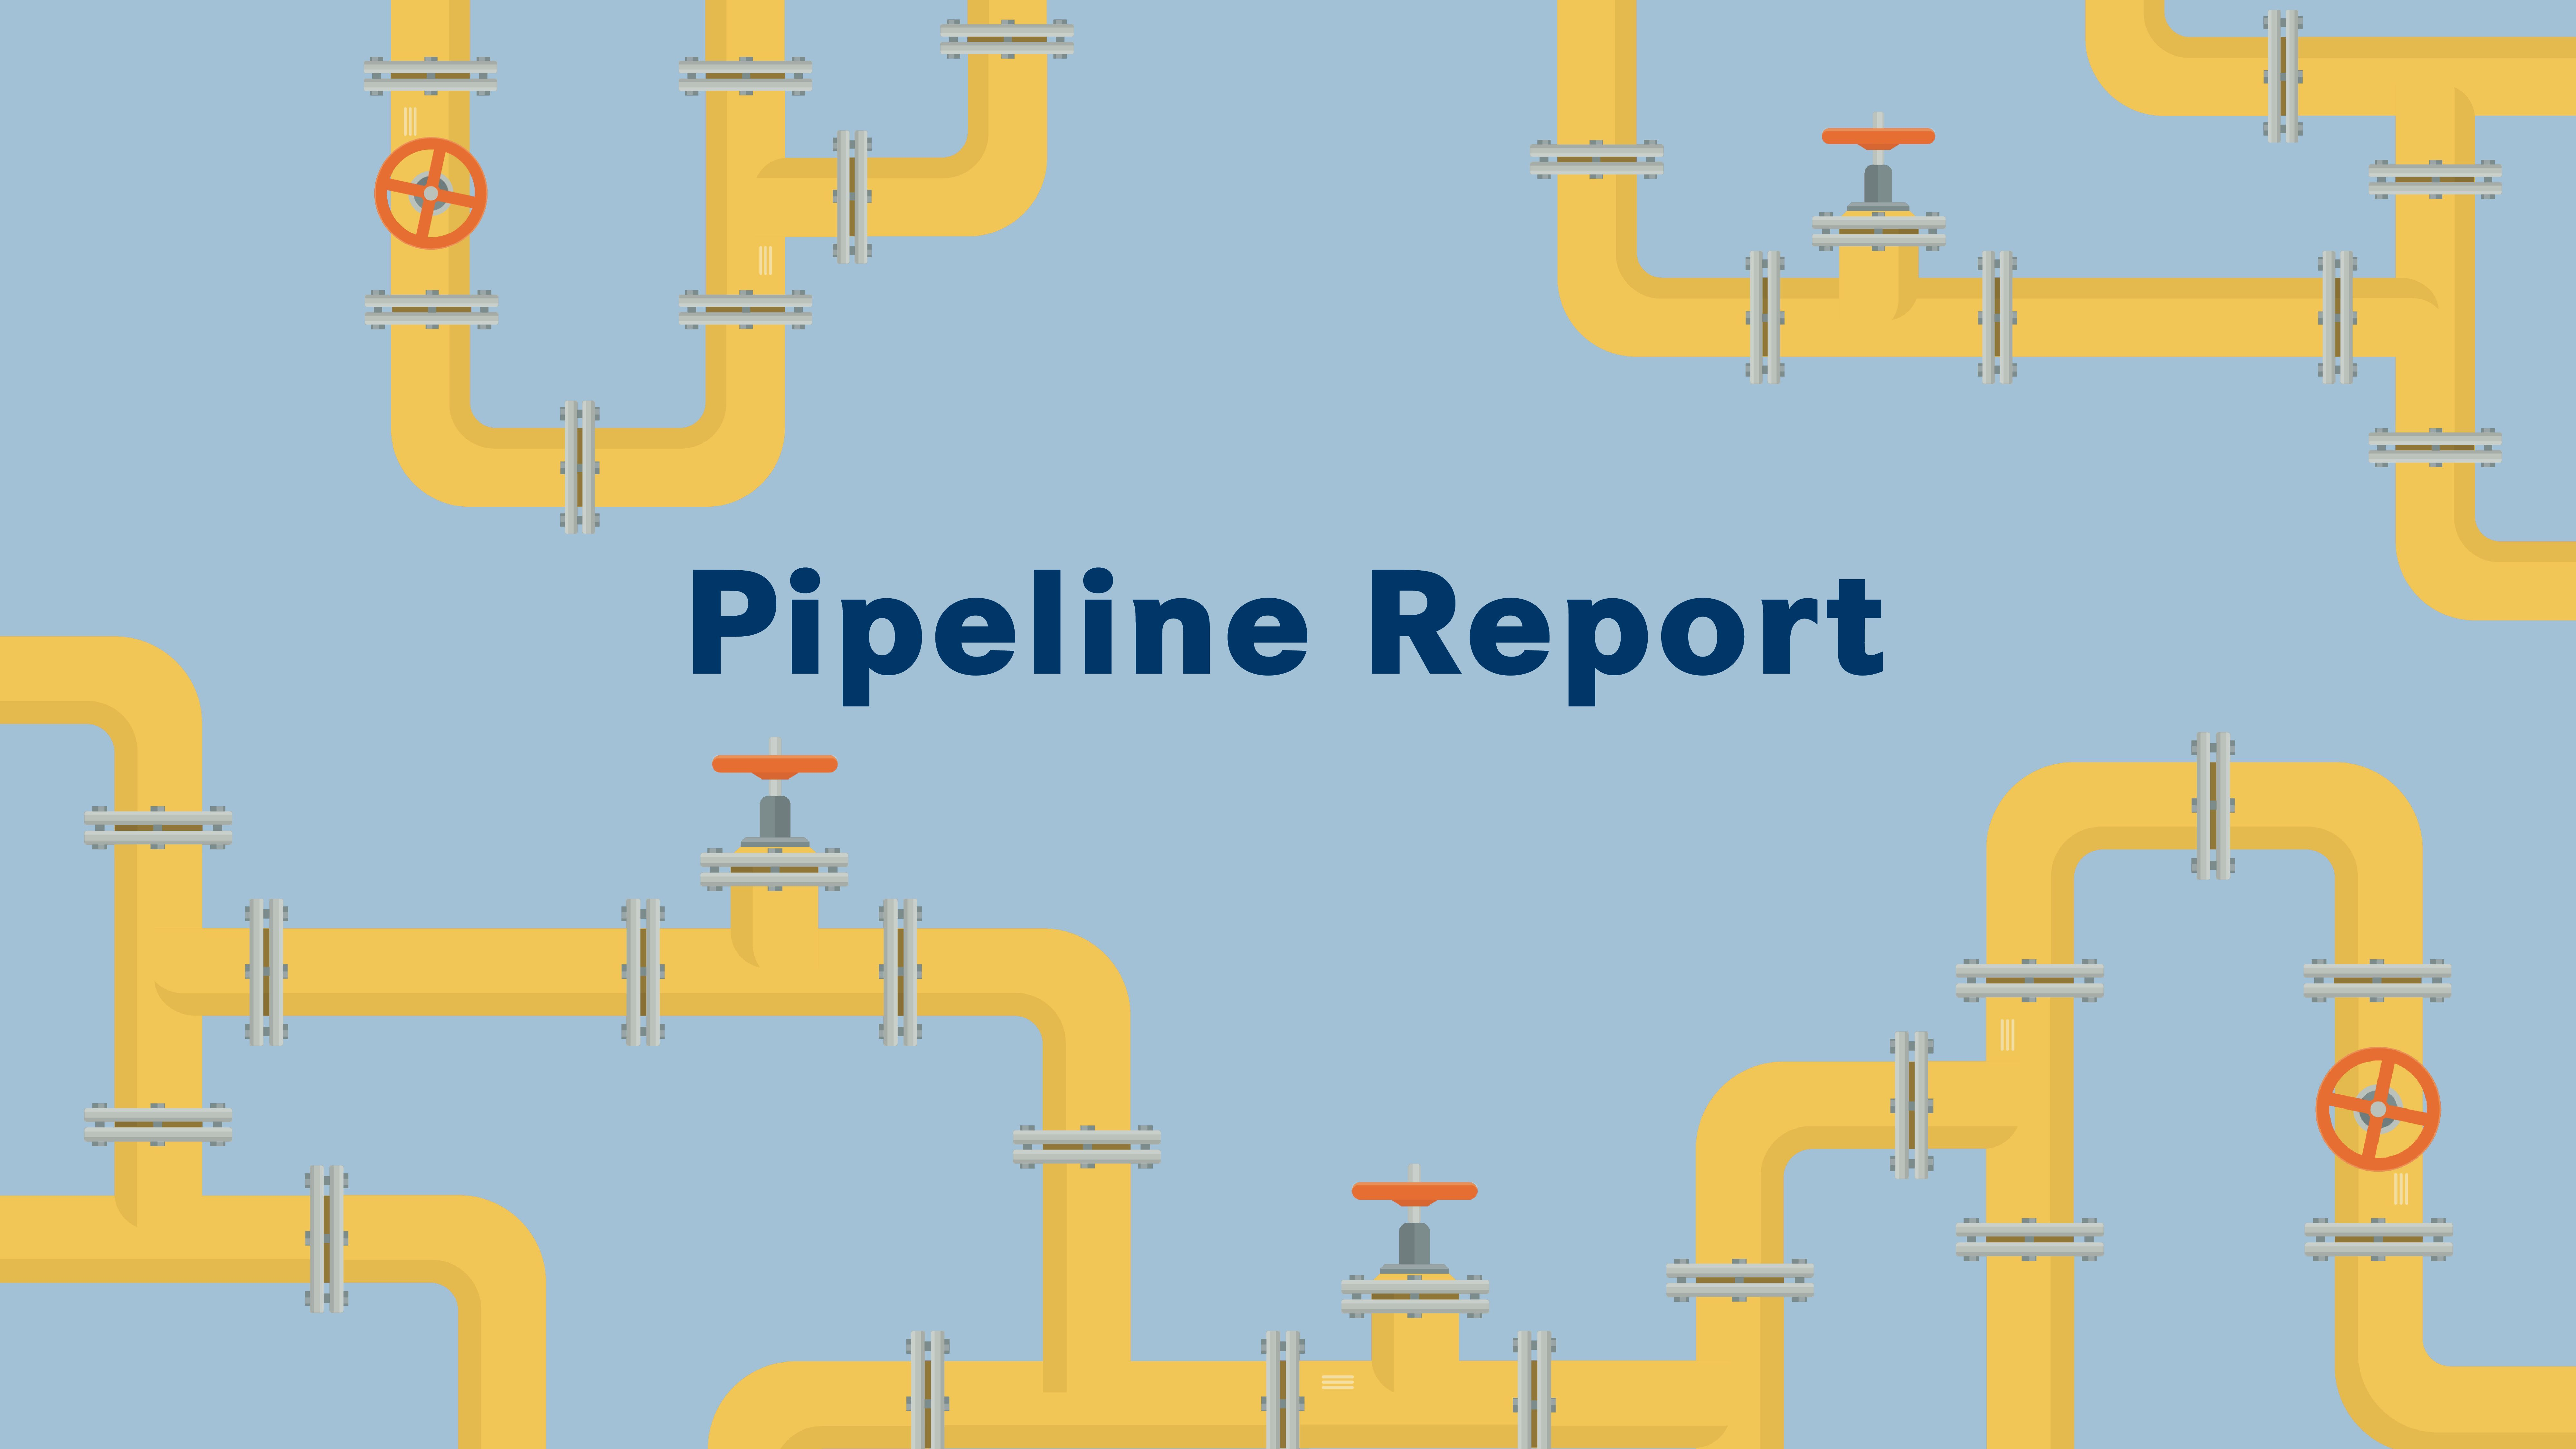 Pipeline Report | <b>Pipeline Report: April 2021</b>